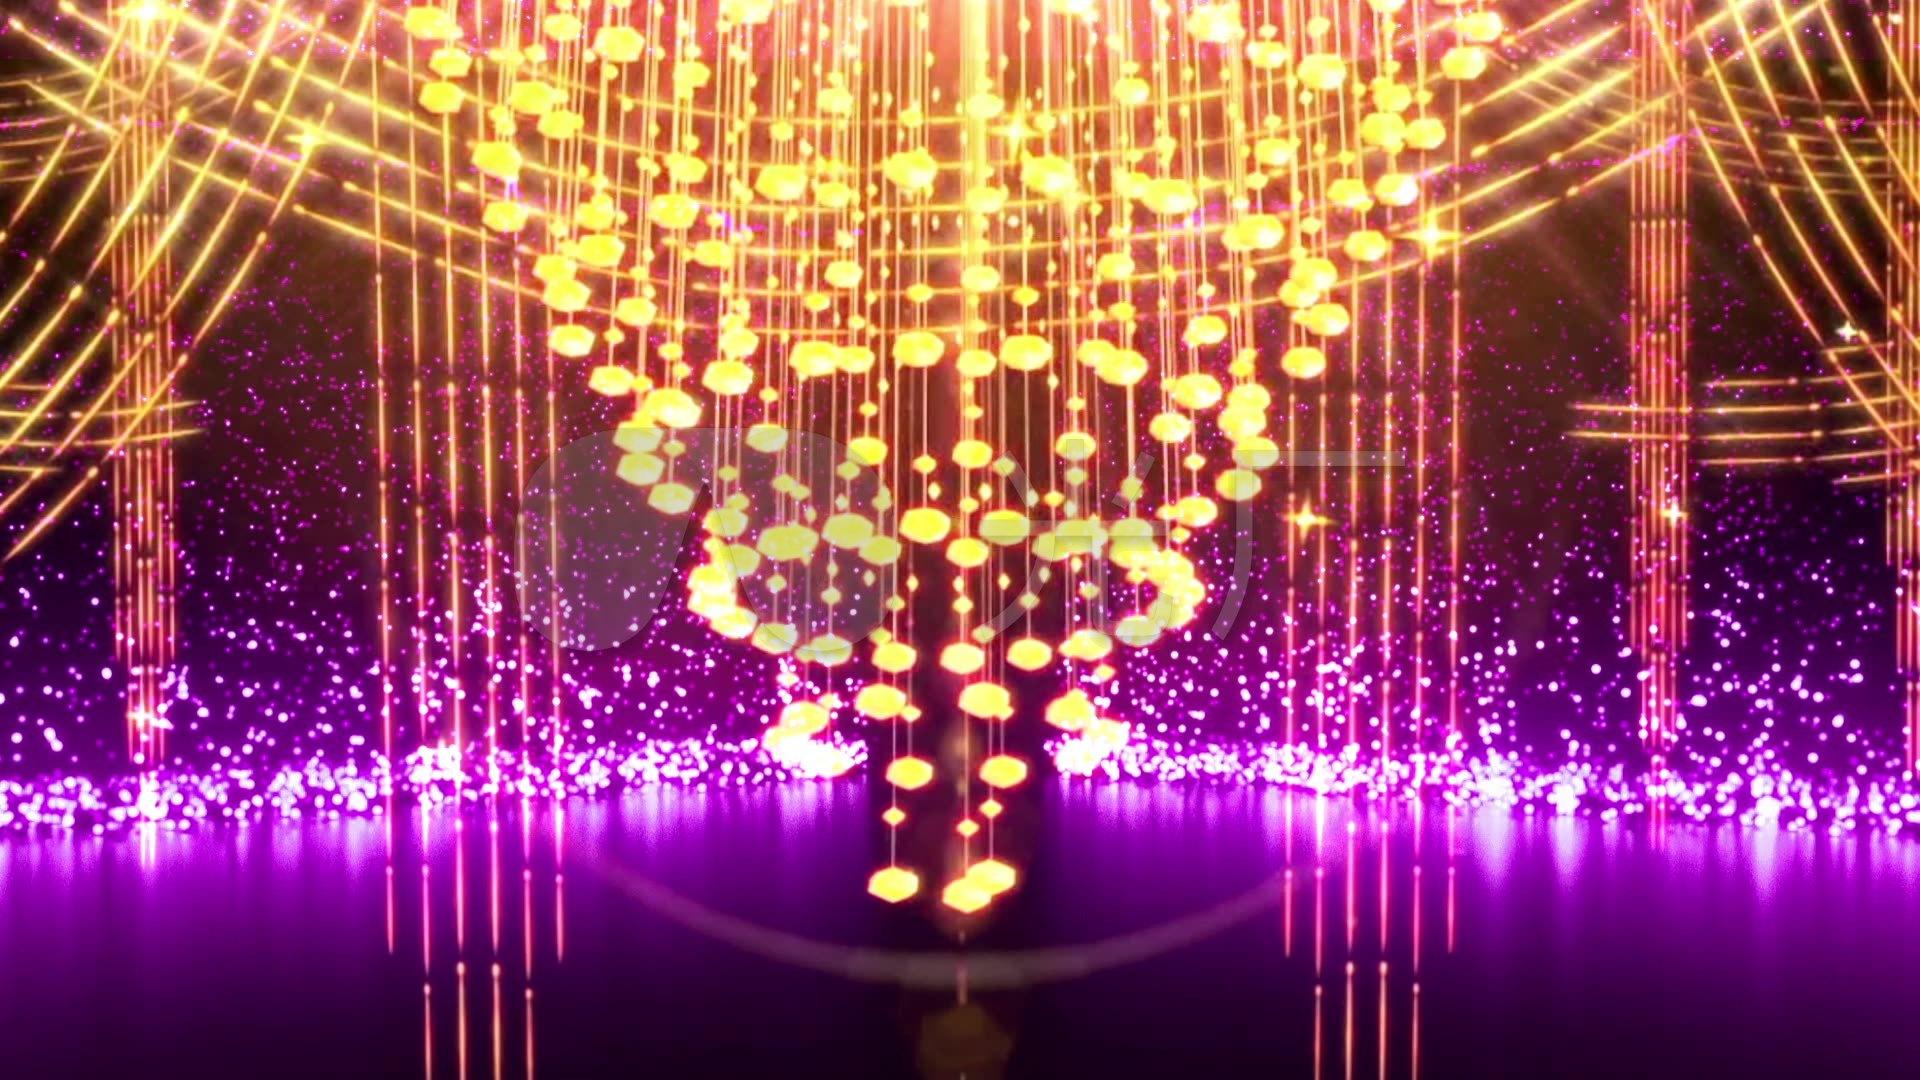 视频素材 舞台背景 场景背景 唯美欧式皇宫宫殿水晶玻璃吊灯婚庆